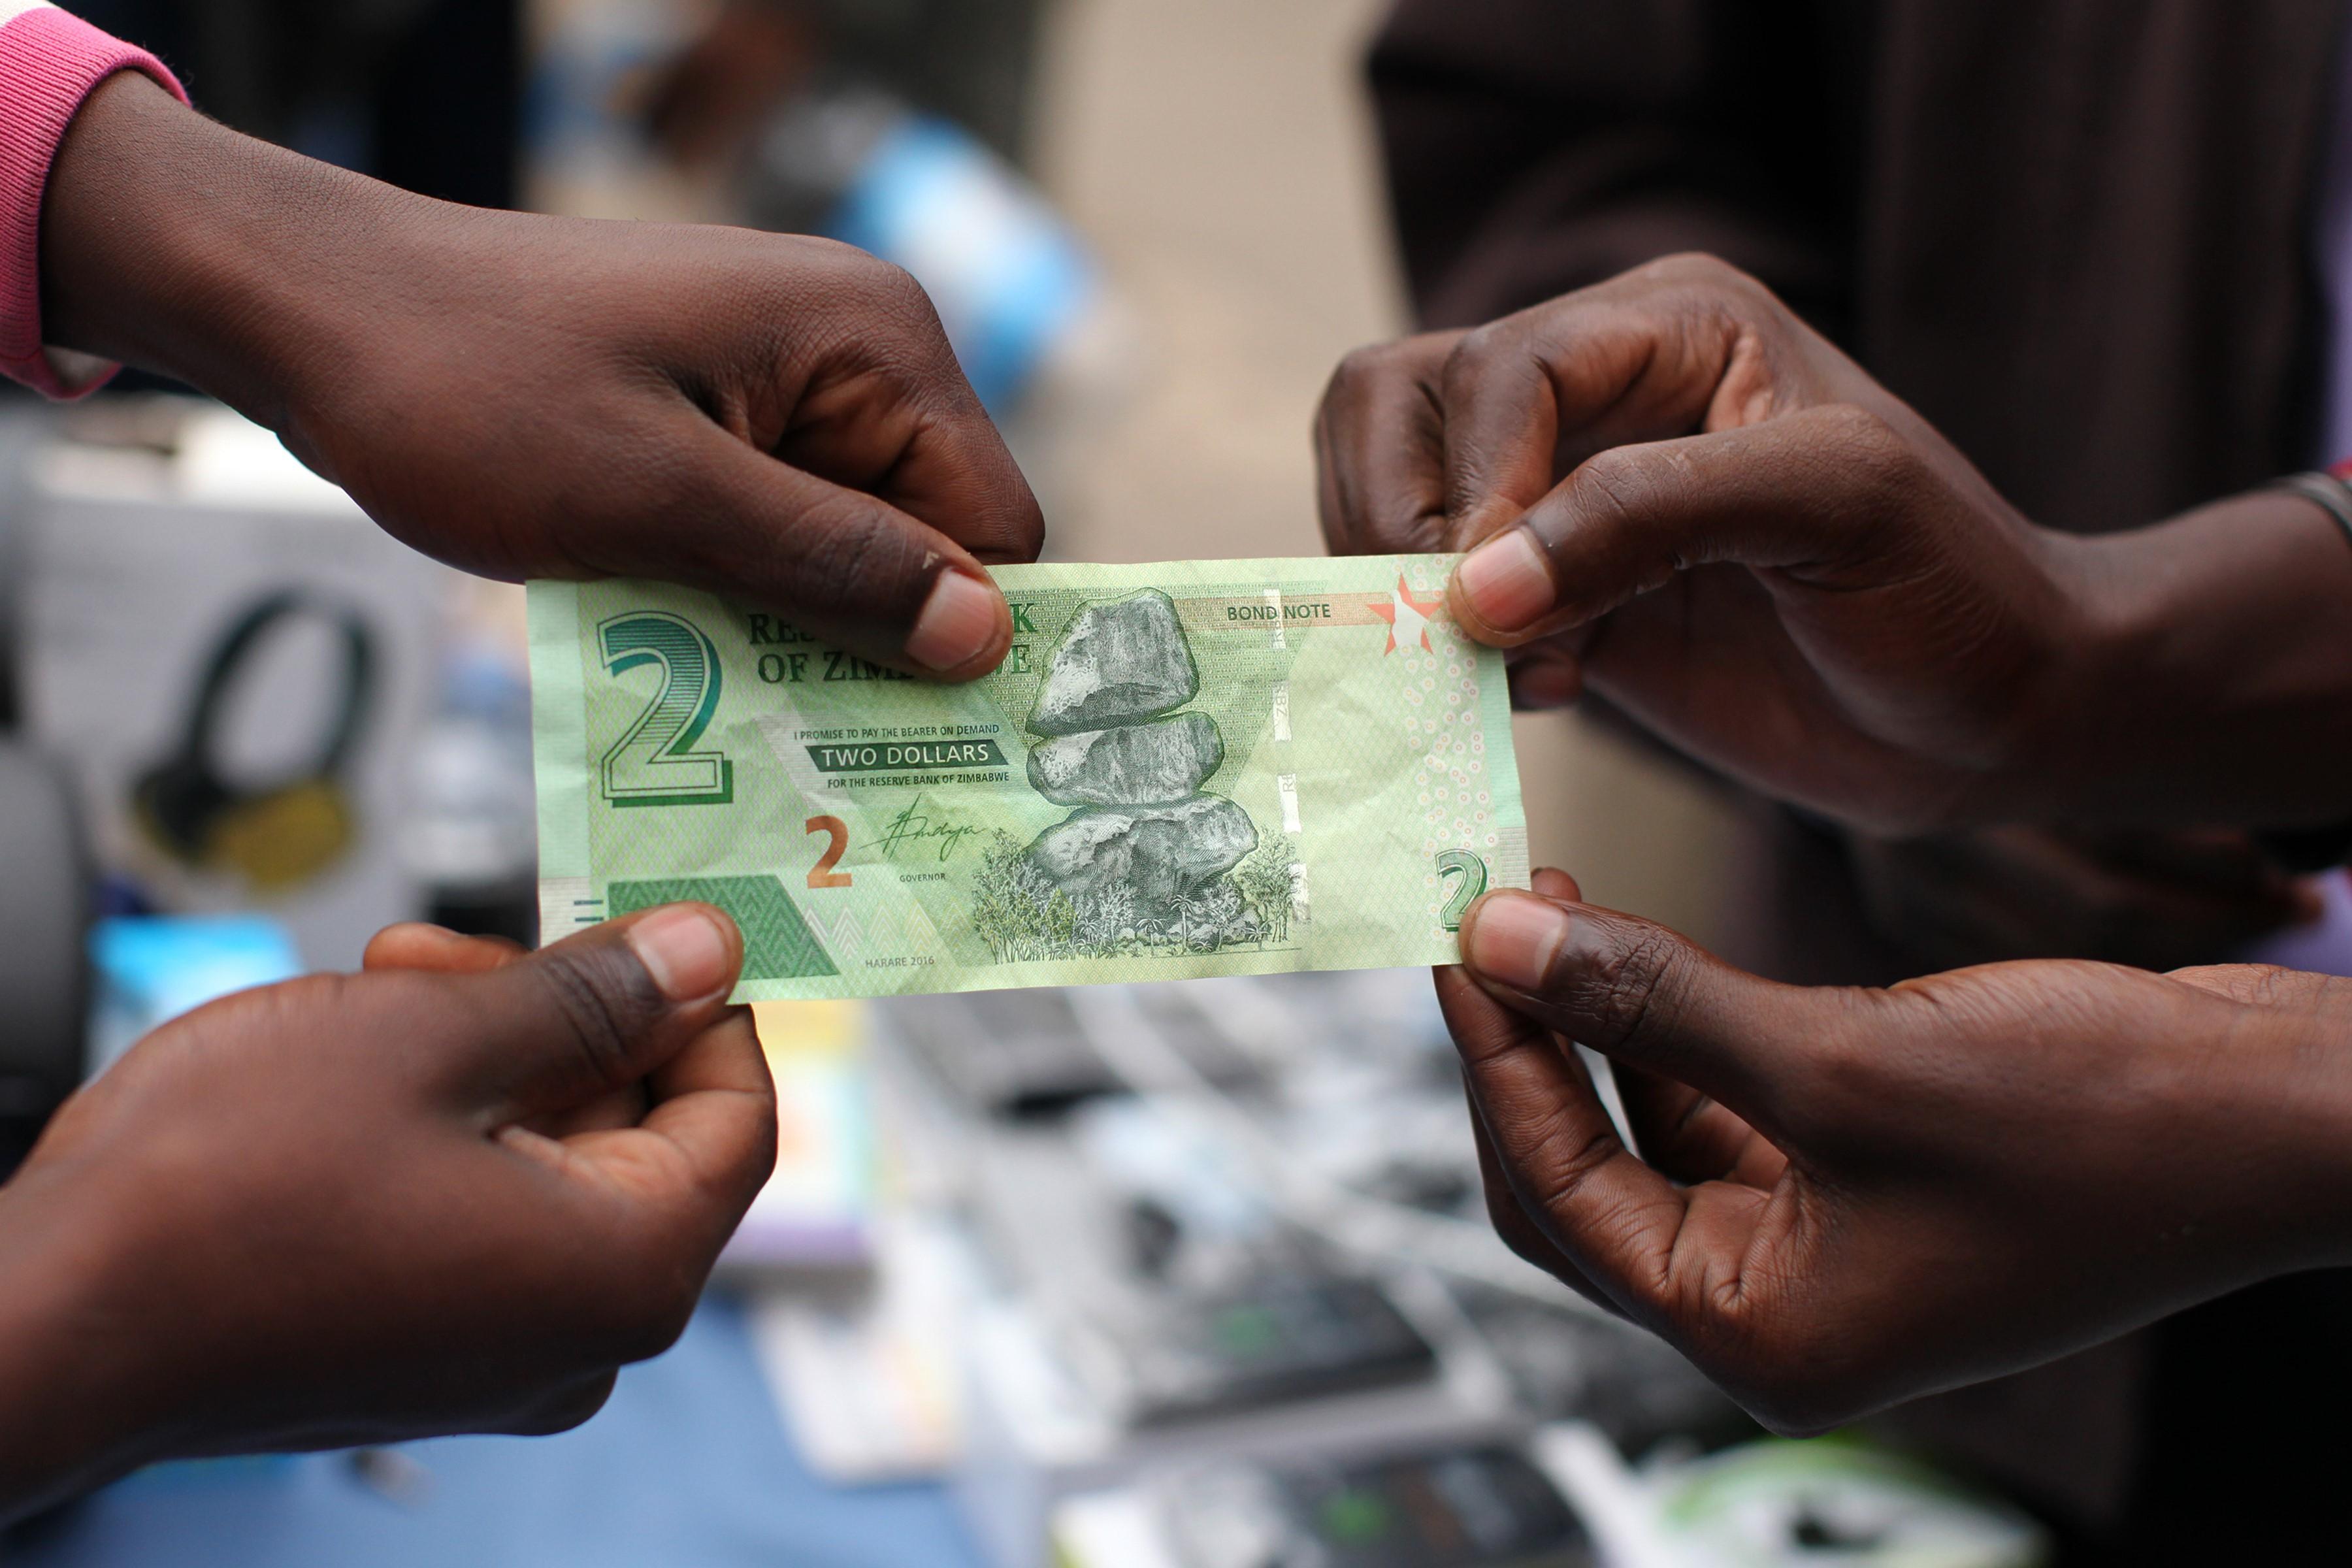 Economical Crisis in Zimbabwe